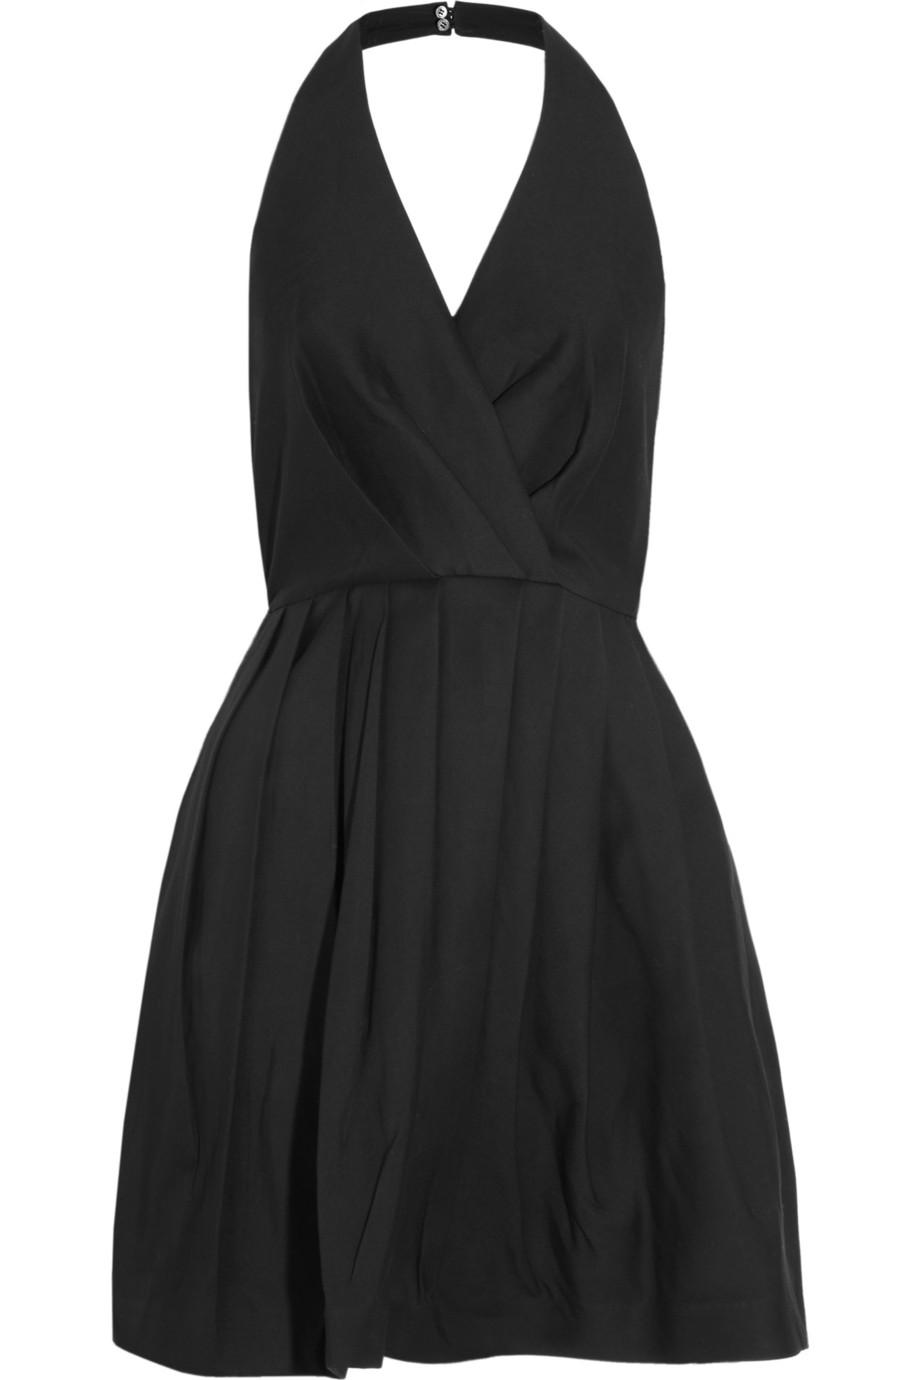 Halston Silk And Cottonblend Halterneck Dress In Black Lyst